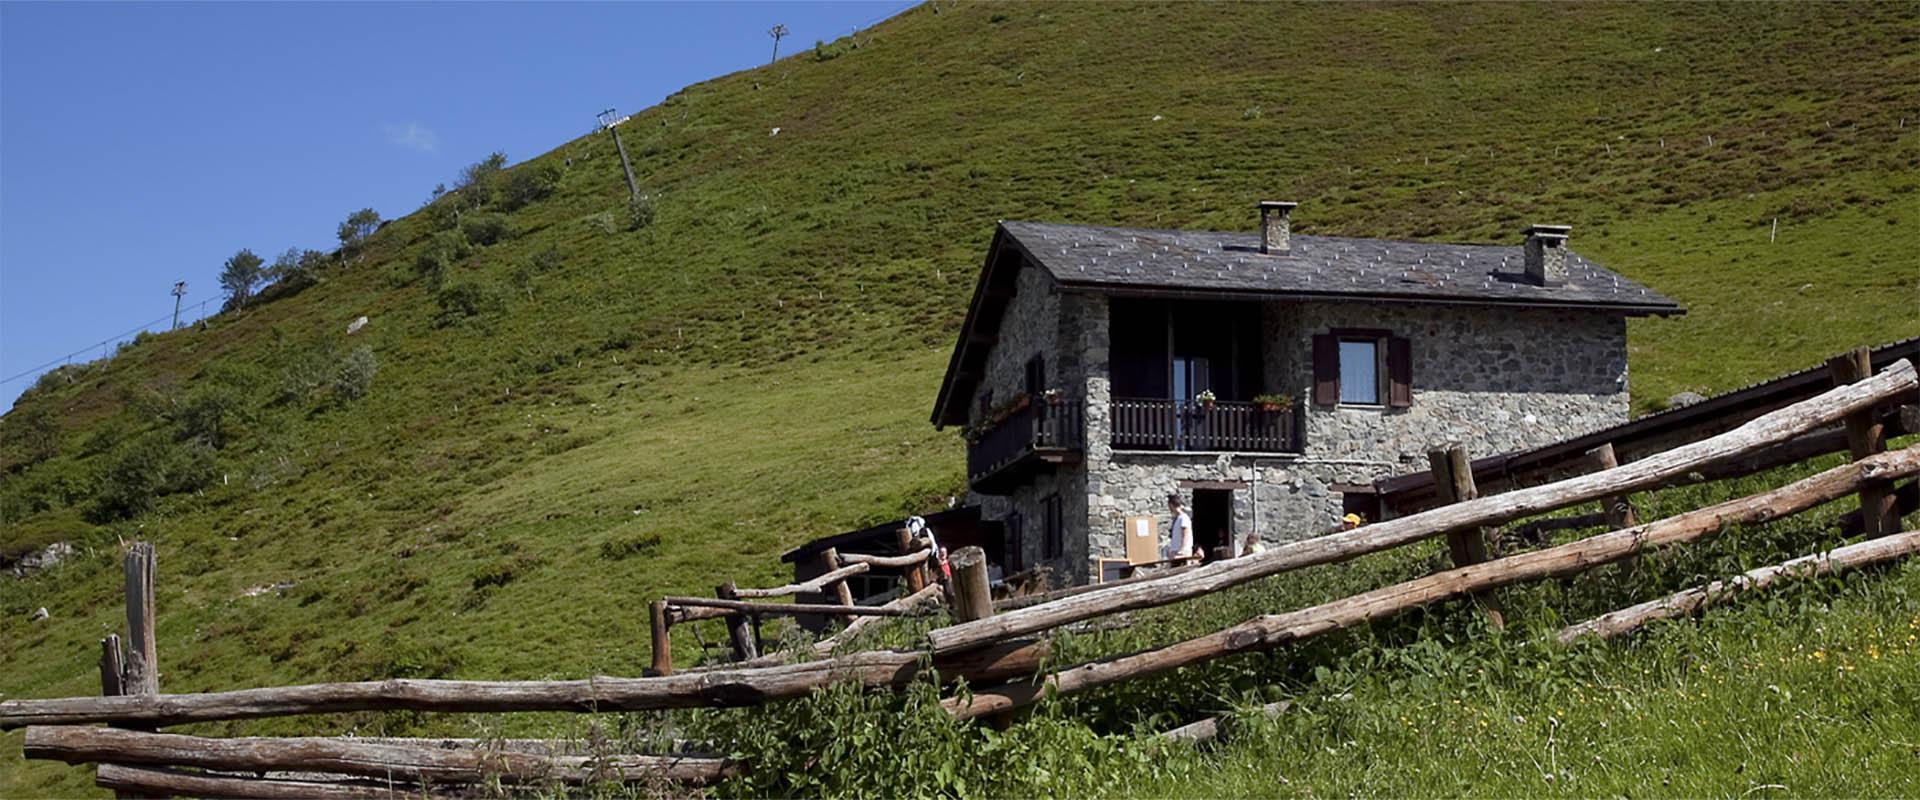 aplemoncerchio-montagna-casa